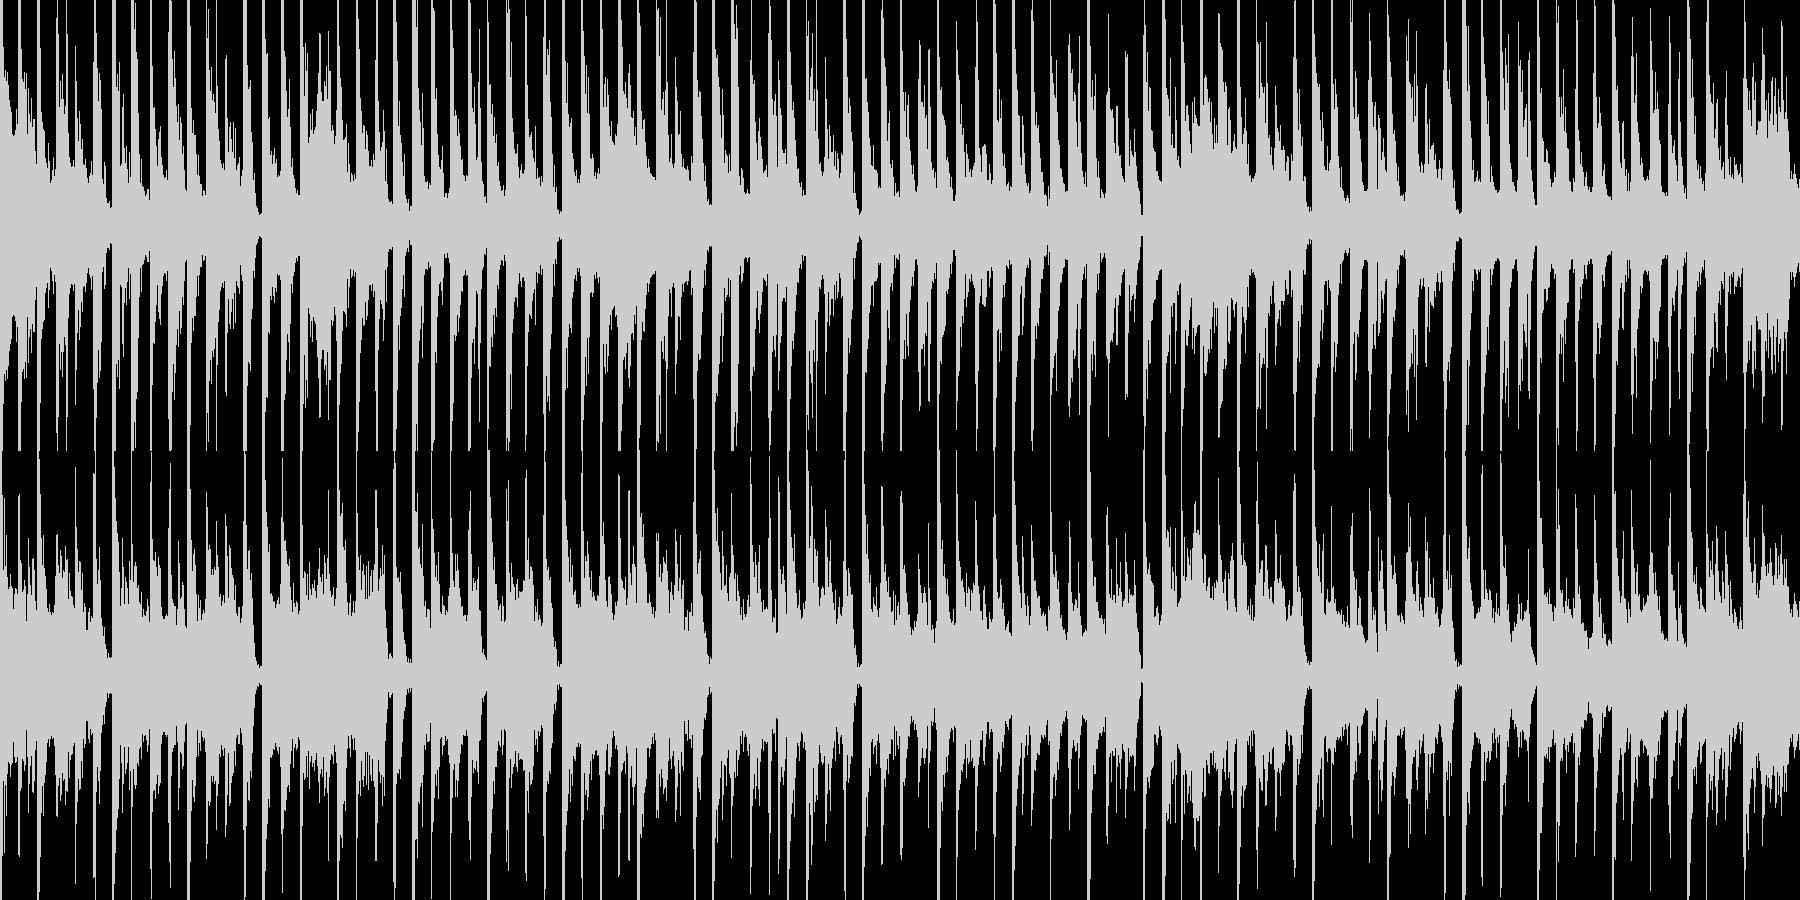 かわいい動物が走るようなドキドキする曲の未再生の波形